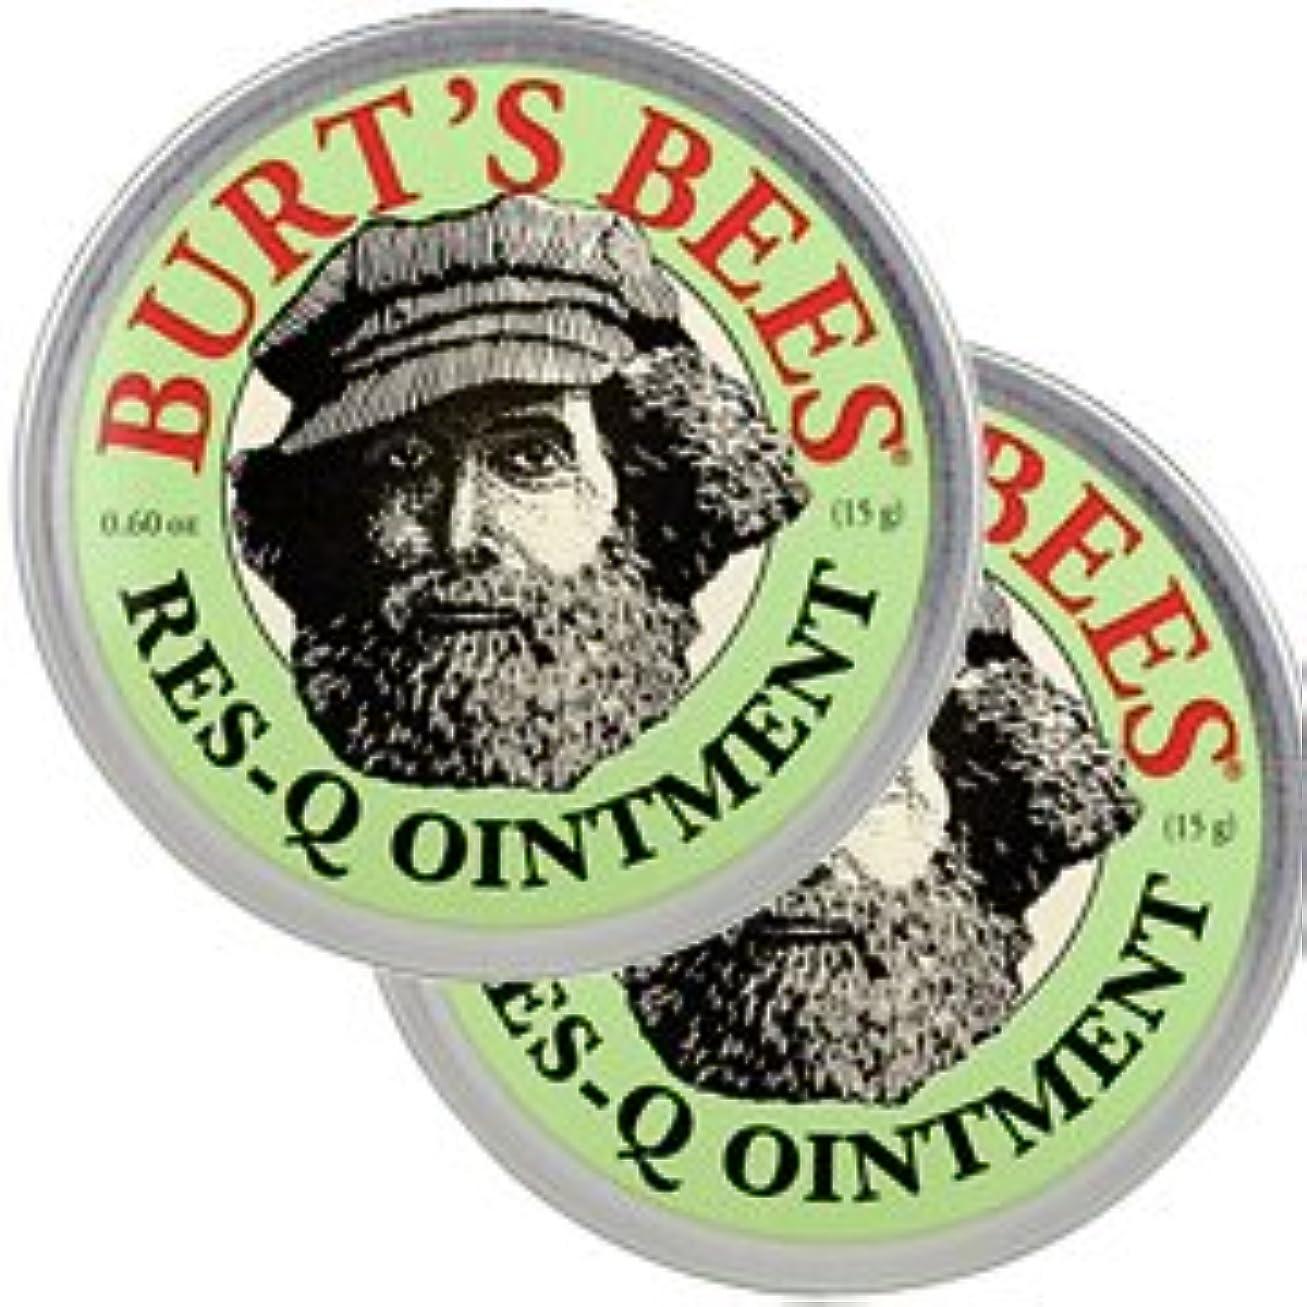 ソースかんたん万一に備えてバーツビーズ(Burt's Bees)レスキュー オイントメント 17g 2個セット[並行輸入品][海外直送品]